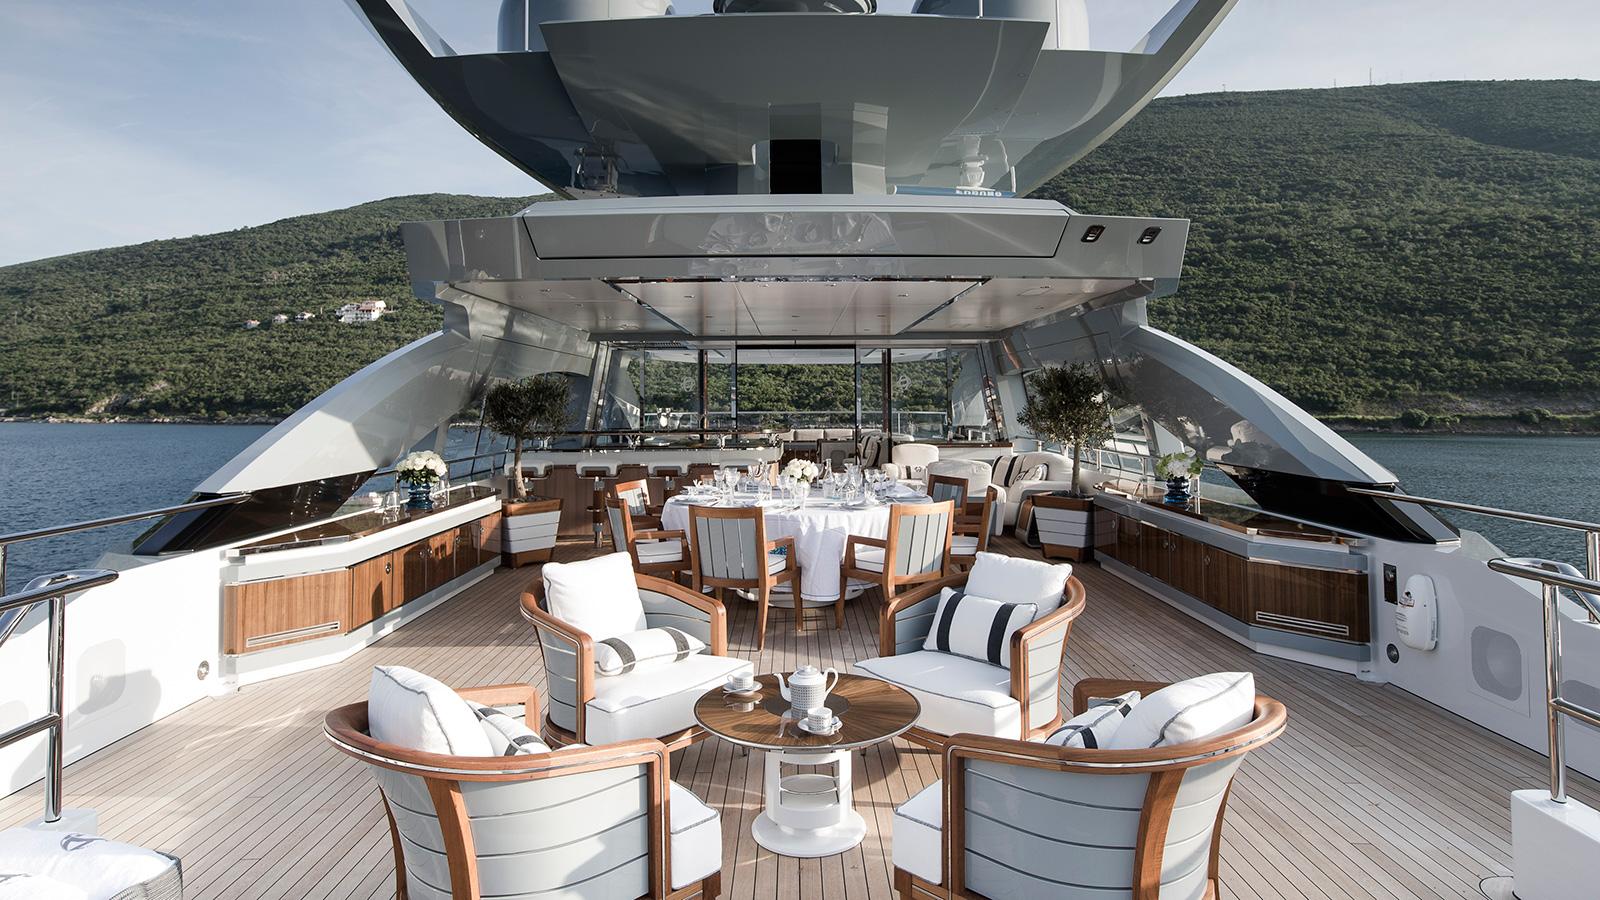 the-upper-deck-of-heesen-flagship-yacht-galactica-super-nova